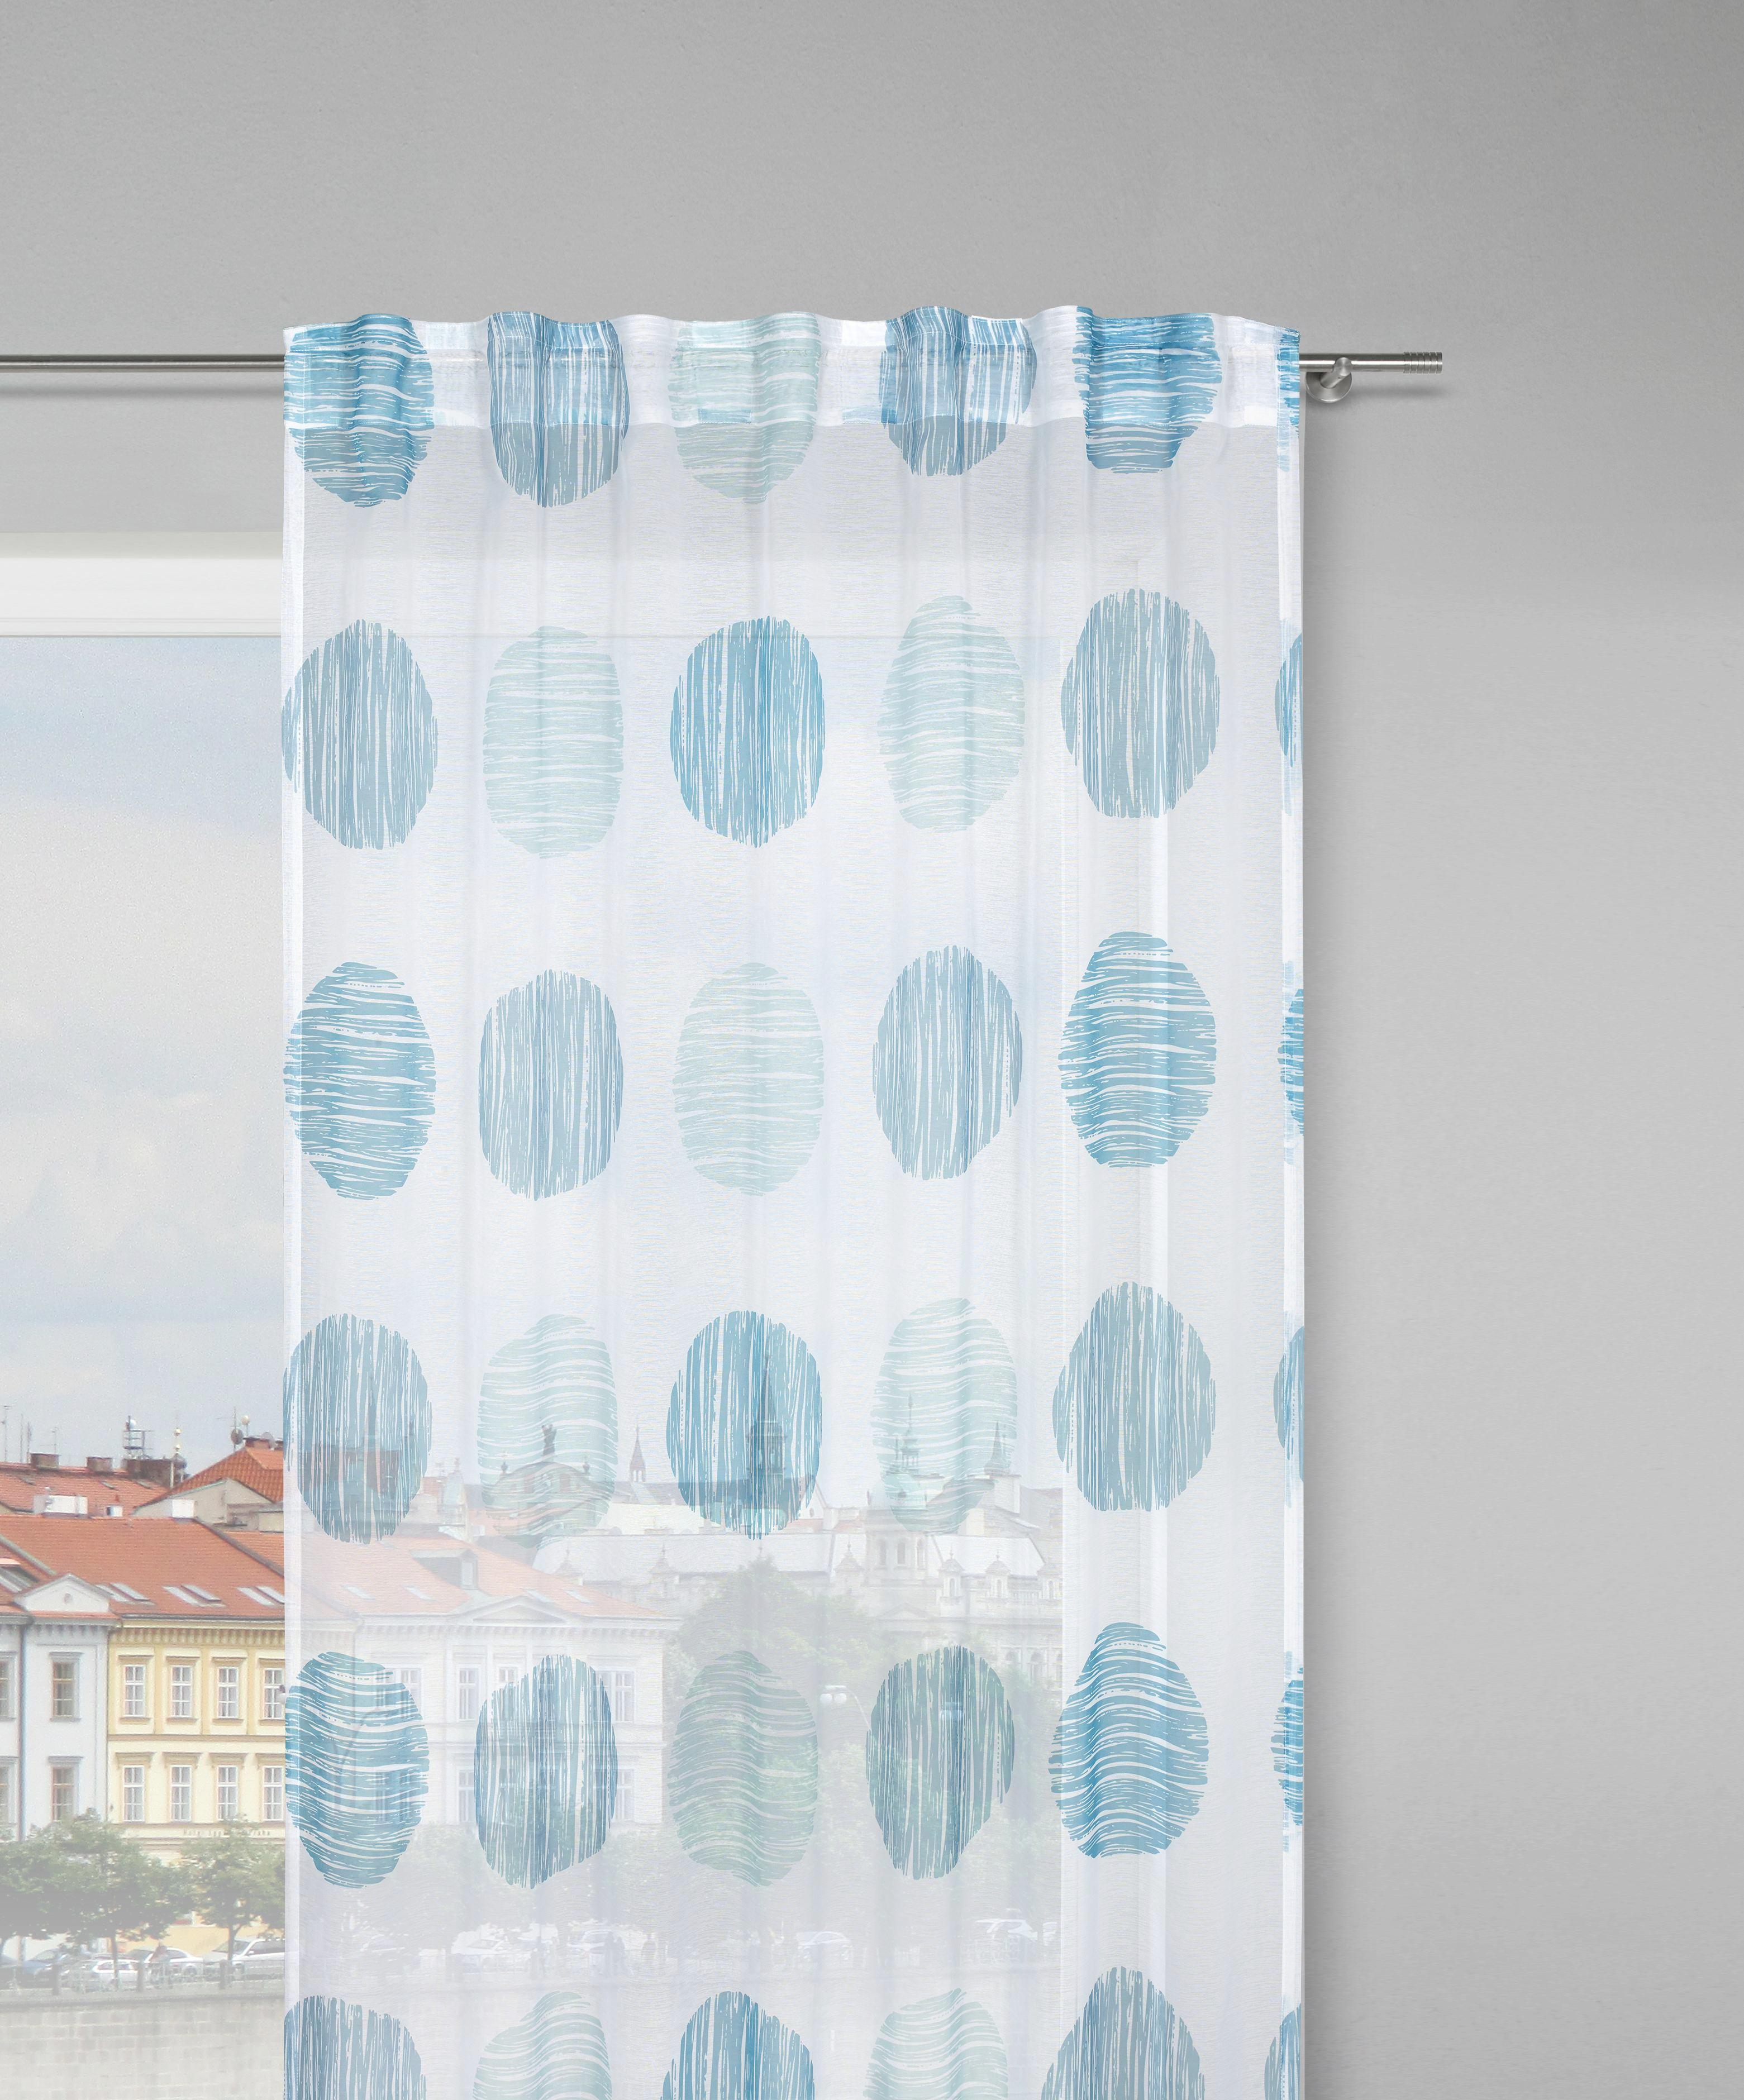 Schlaufenschal Ursi, ca. 135x245cm - Türkis/Weiß, KONVENTIONELL, Textil (135/245cm) - MÖMAX modern living